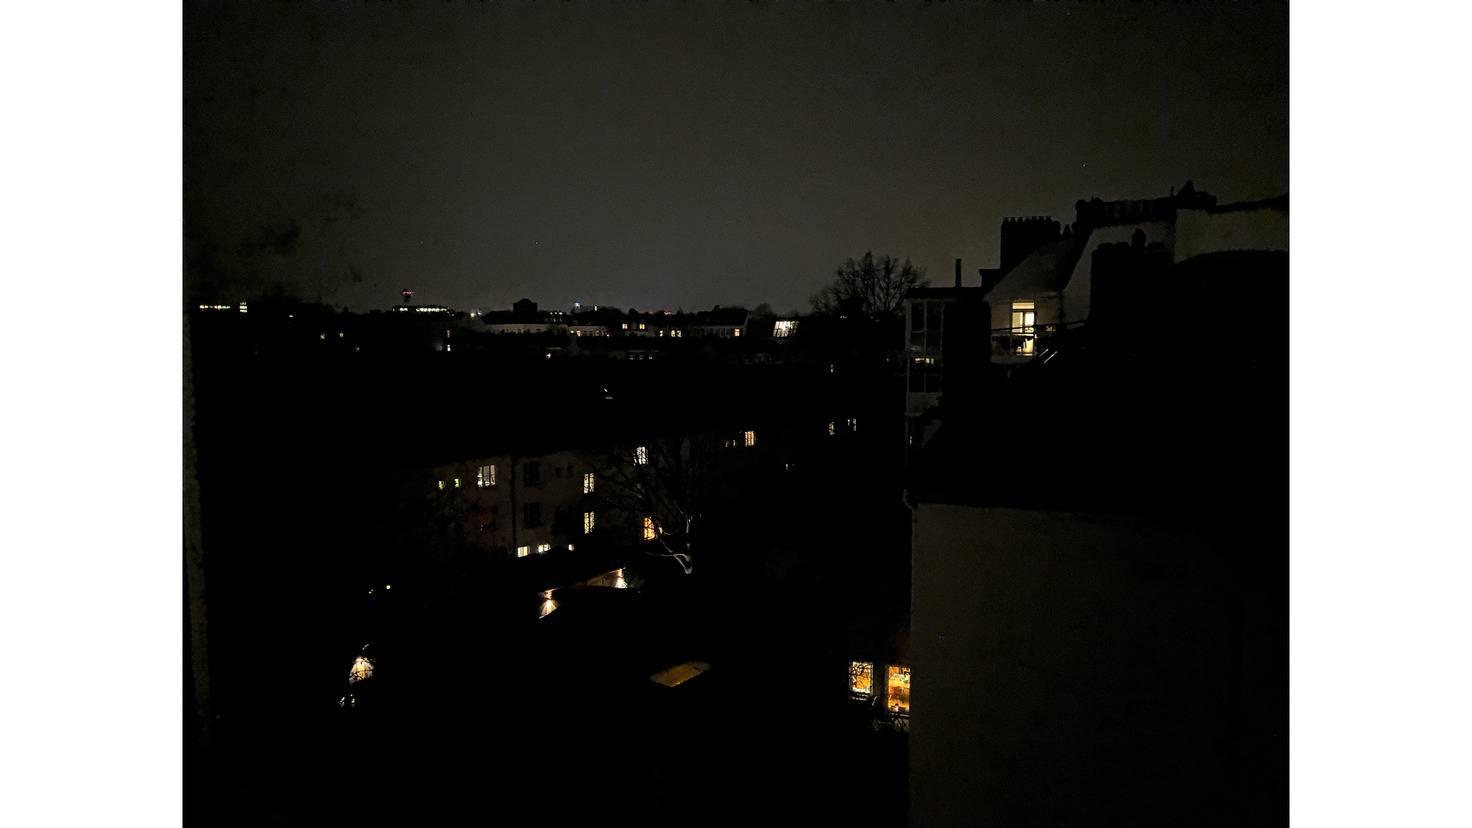 Nachtfotos schaffen andere Smartphones besser, vor allem ohne RAW-Bearbeitung. (JPG)